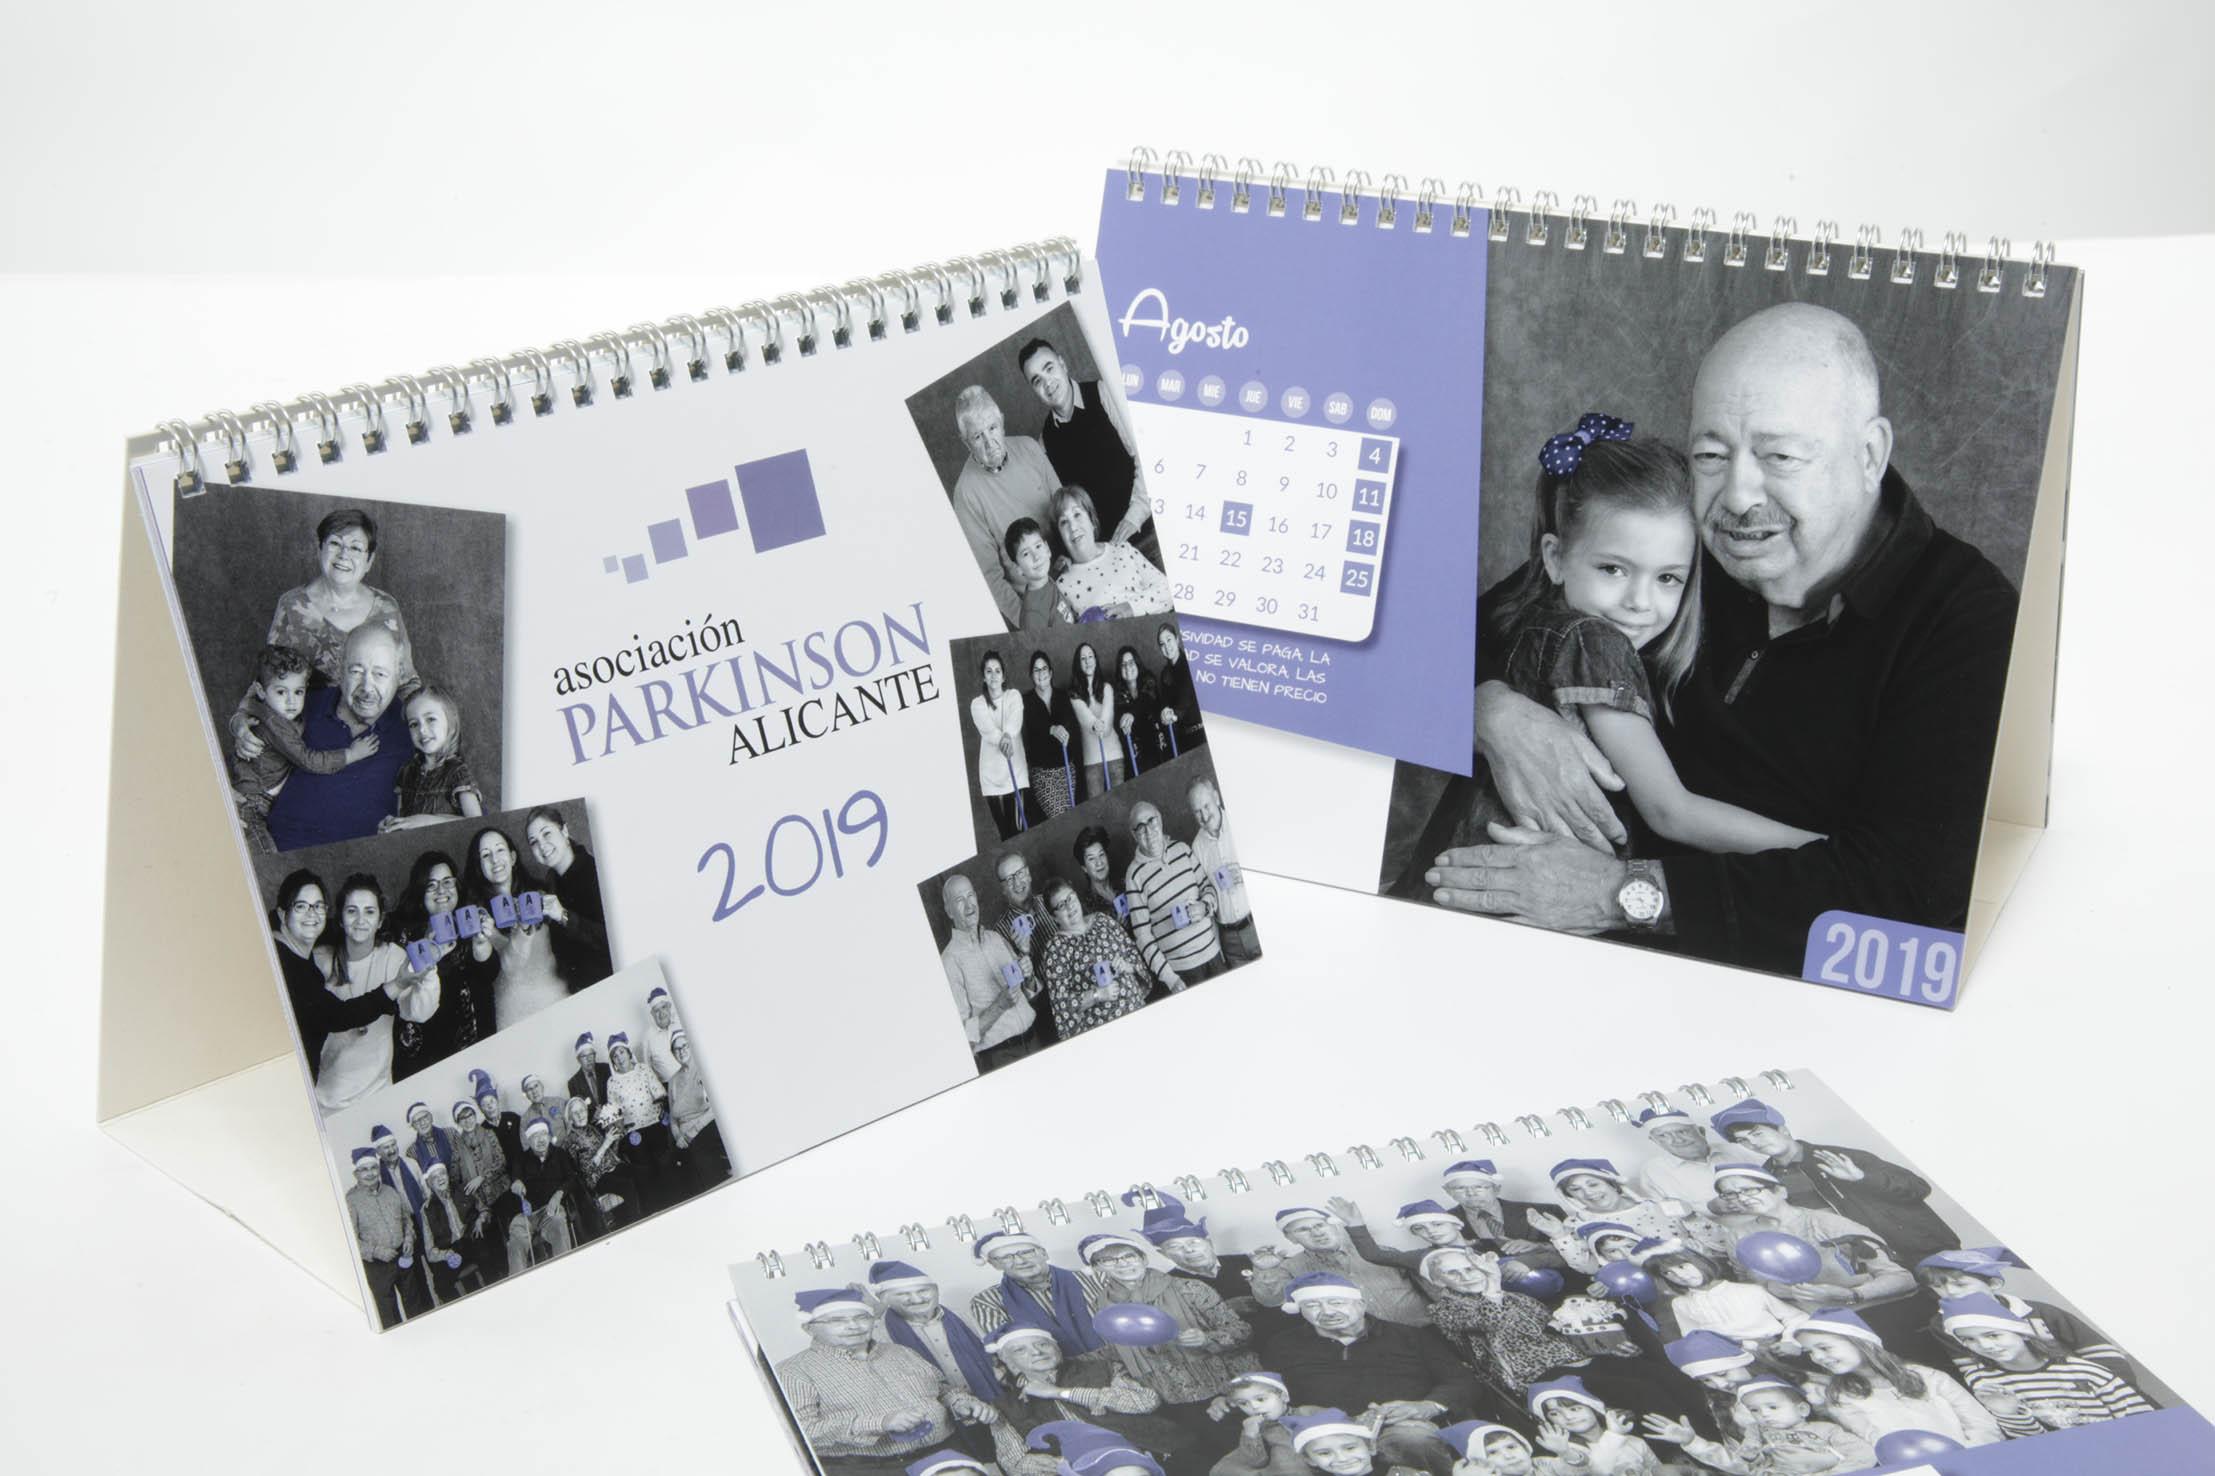 Calendario Solidario Asociación Parkinson Alicante 2019